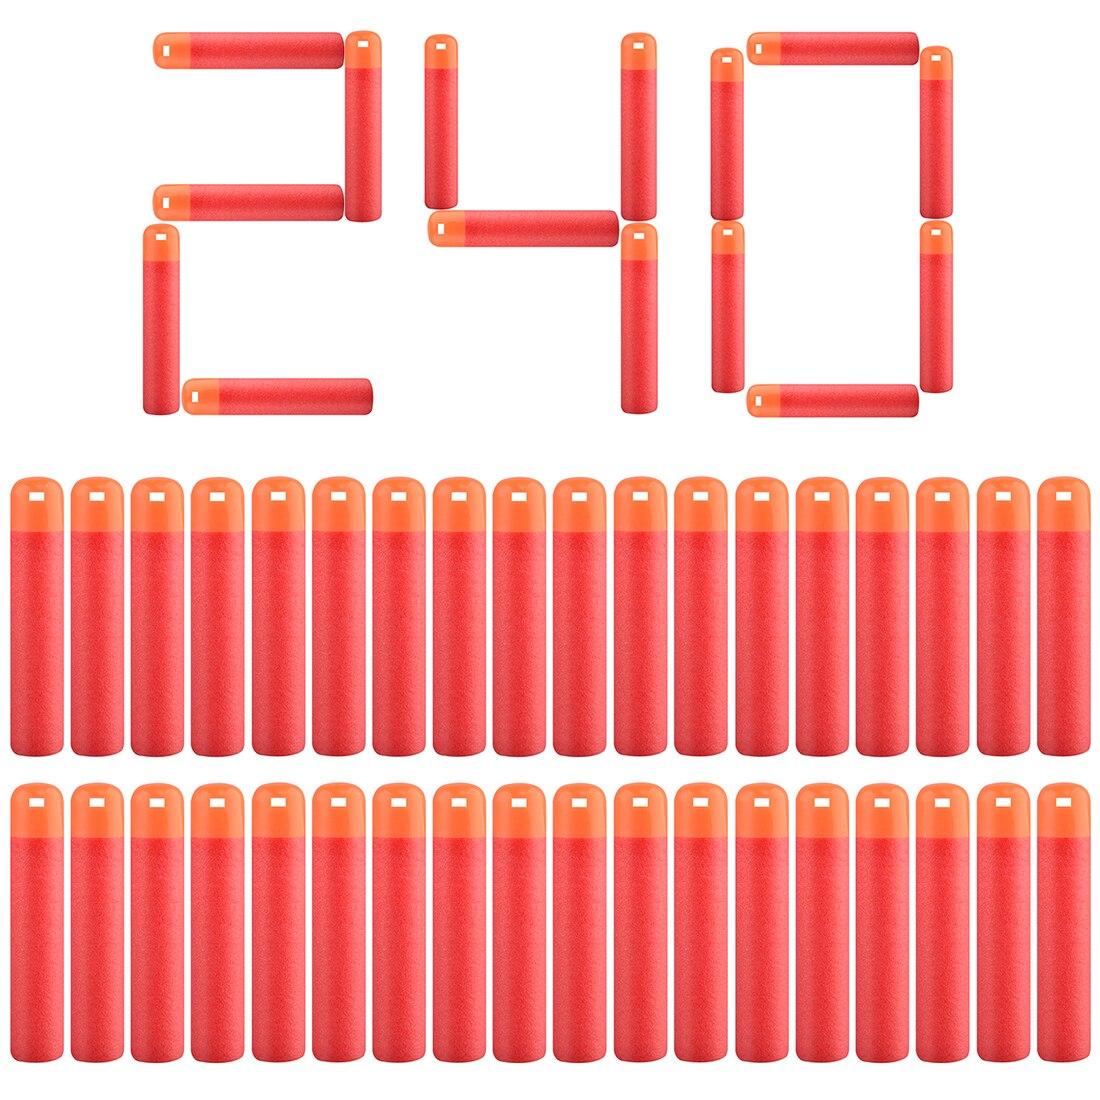 30 قطعة/60 قطعة/120 قطعة/240 قطعة رصاصة طرية الجوف لينة رئيس رغوة الرصاص ل نيرف ل ميجا سلسلة-الأحمر